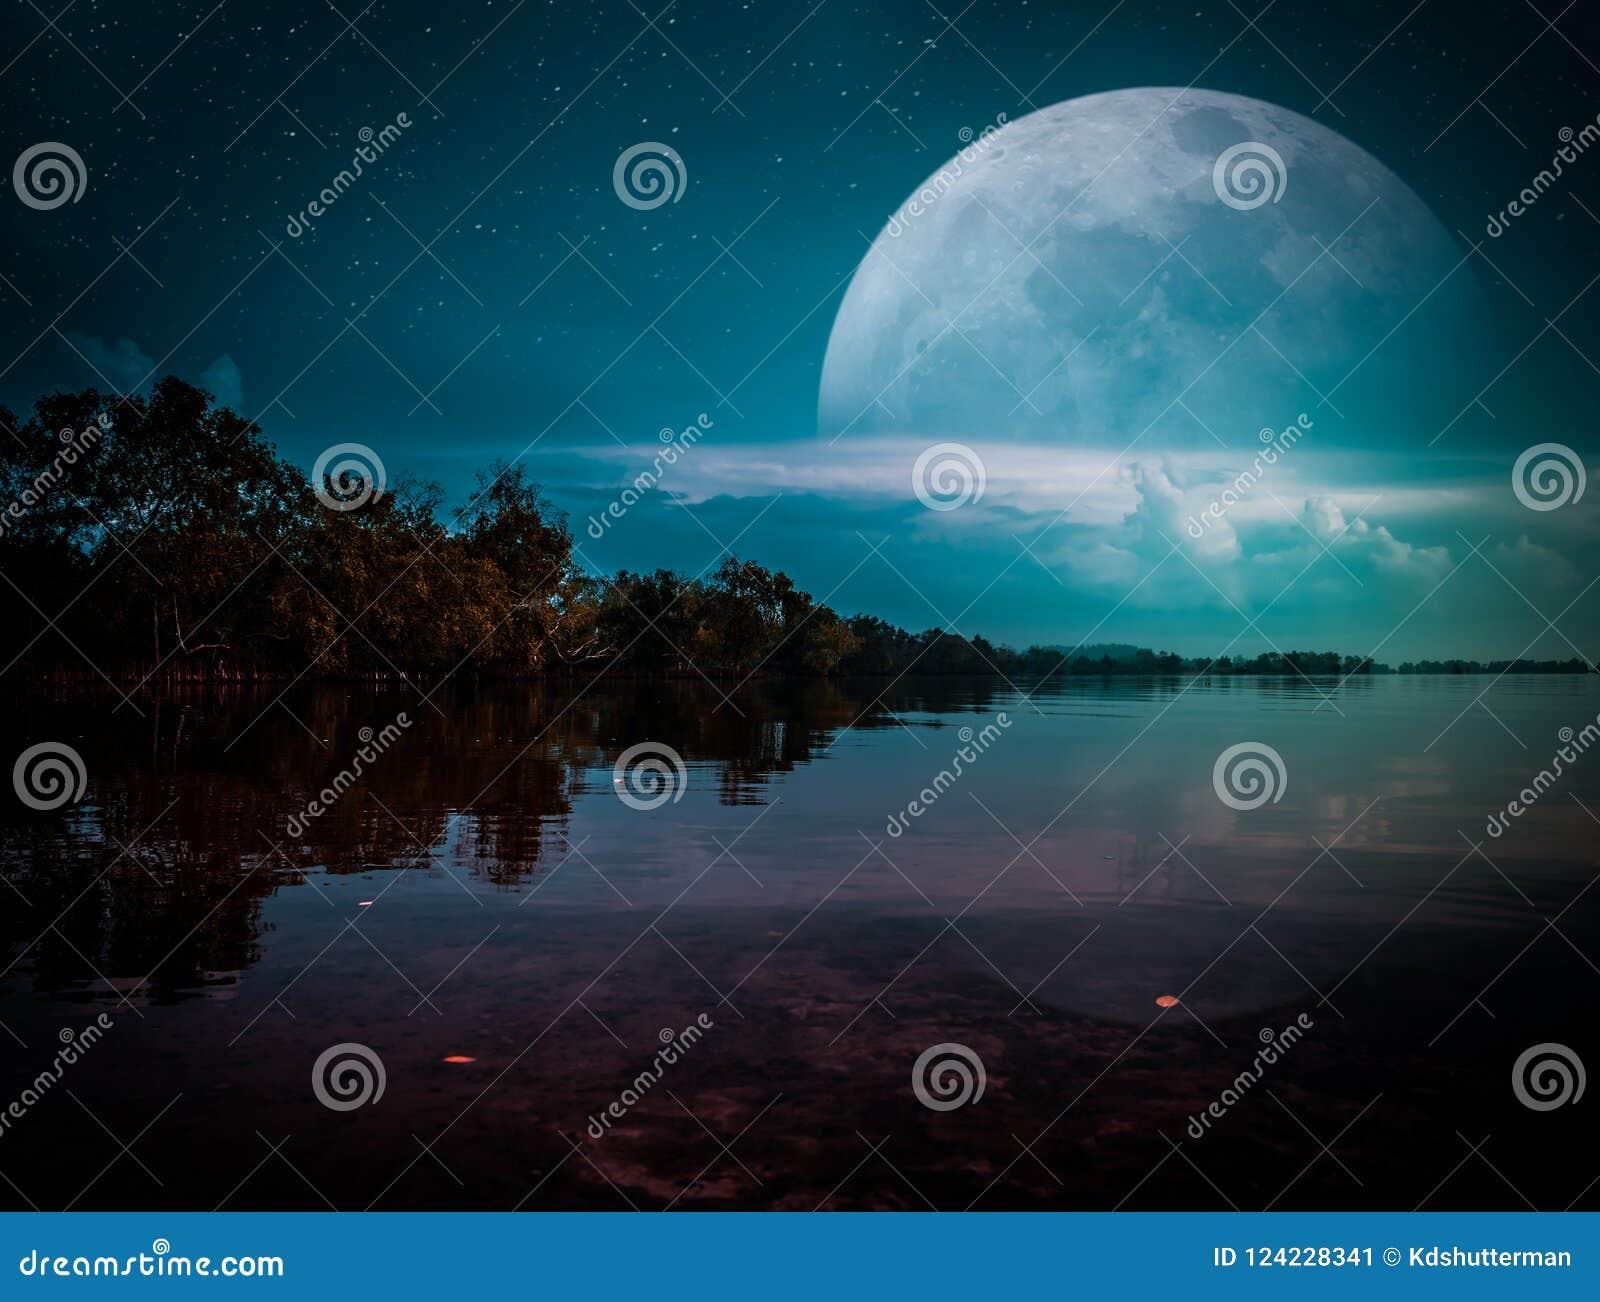 公寓自行车装饰好房子处理照片照片河对下面墙壁水 夜空风景与许多星的 电影